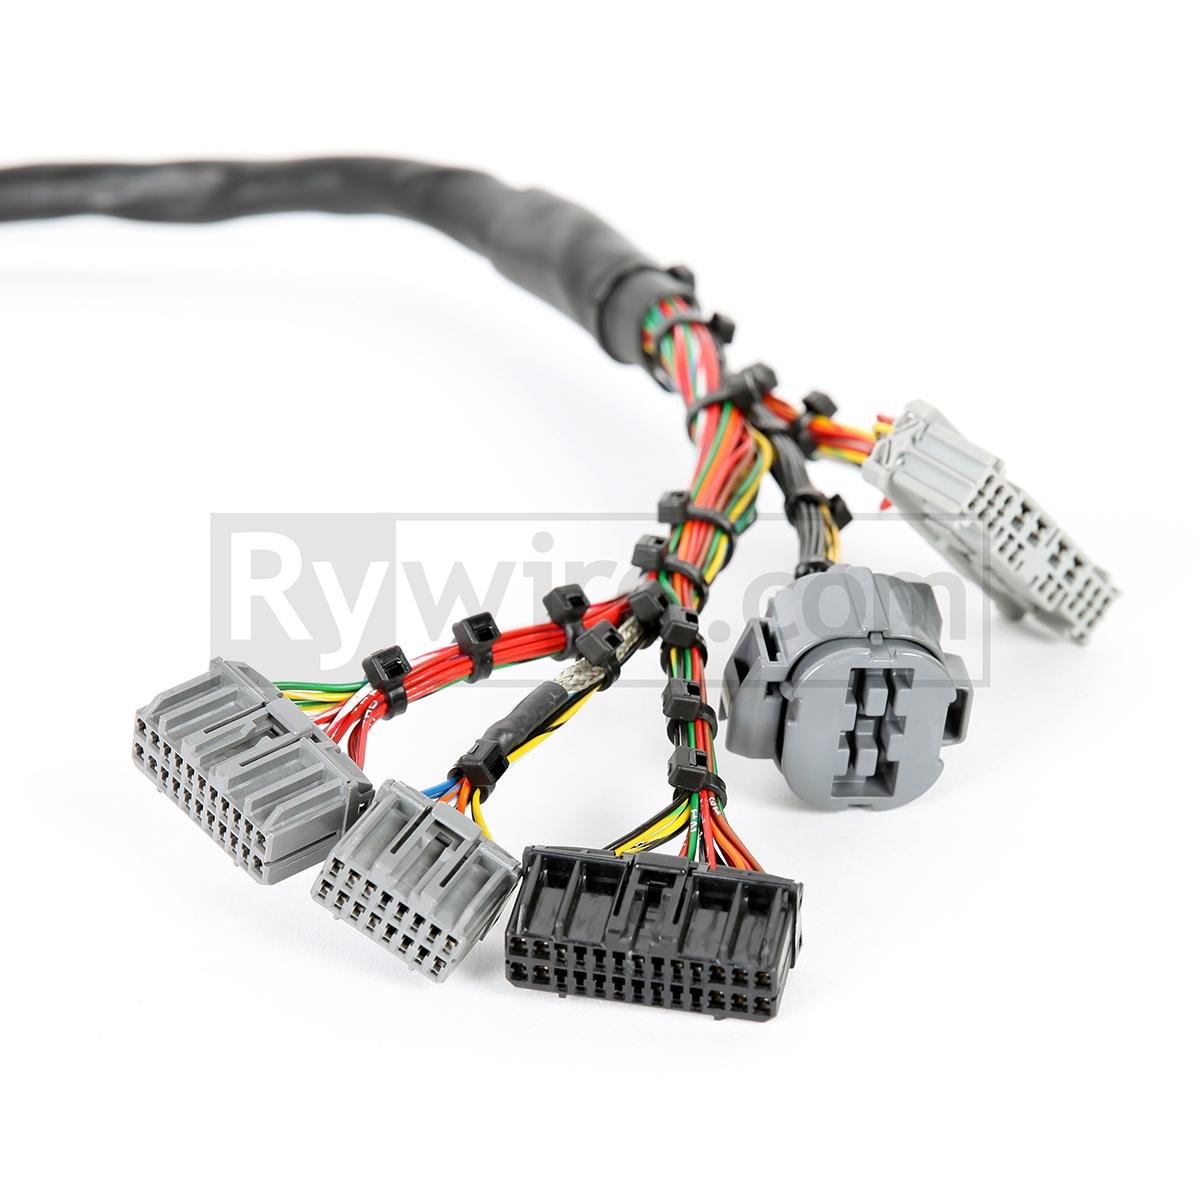 OBD2 Mil-Spec D & B-Series Tucked Engine harness on mr2 wiring harness, miata wiring harness, 300zx wiring harness, 280z wiring harness, 240sx wiring harness, crx wiring harness, s2000 wiring harness, civic wiring harness, 350z wiring harness,